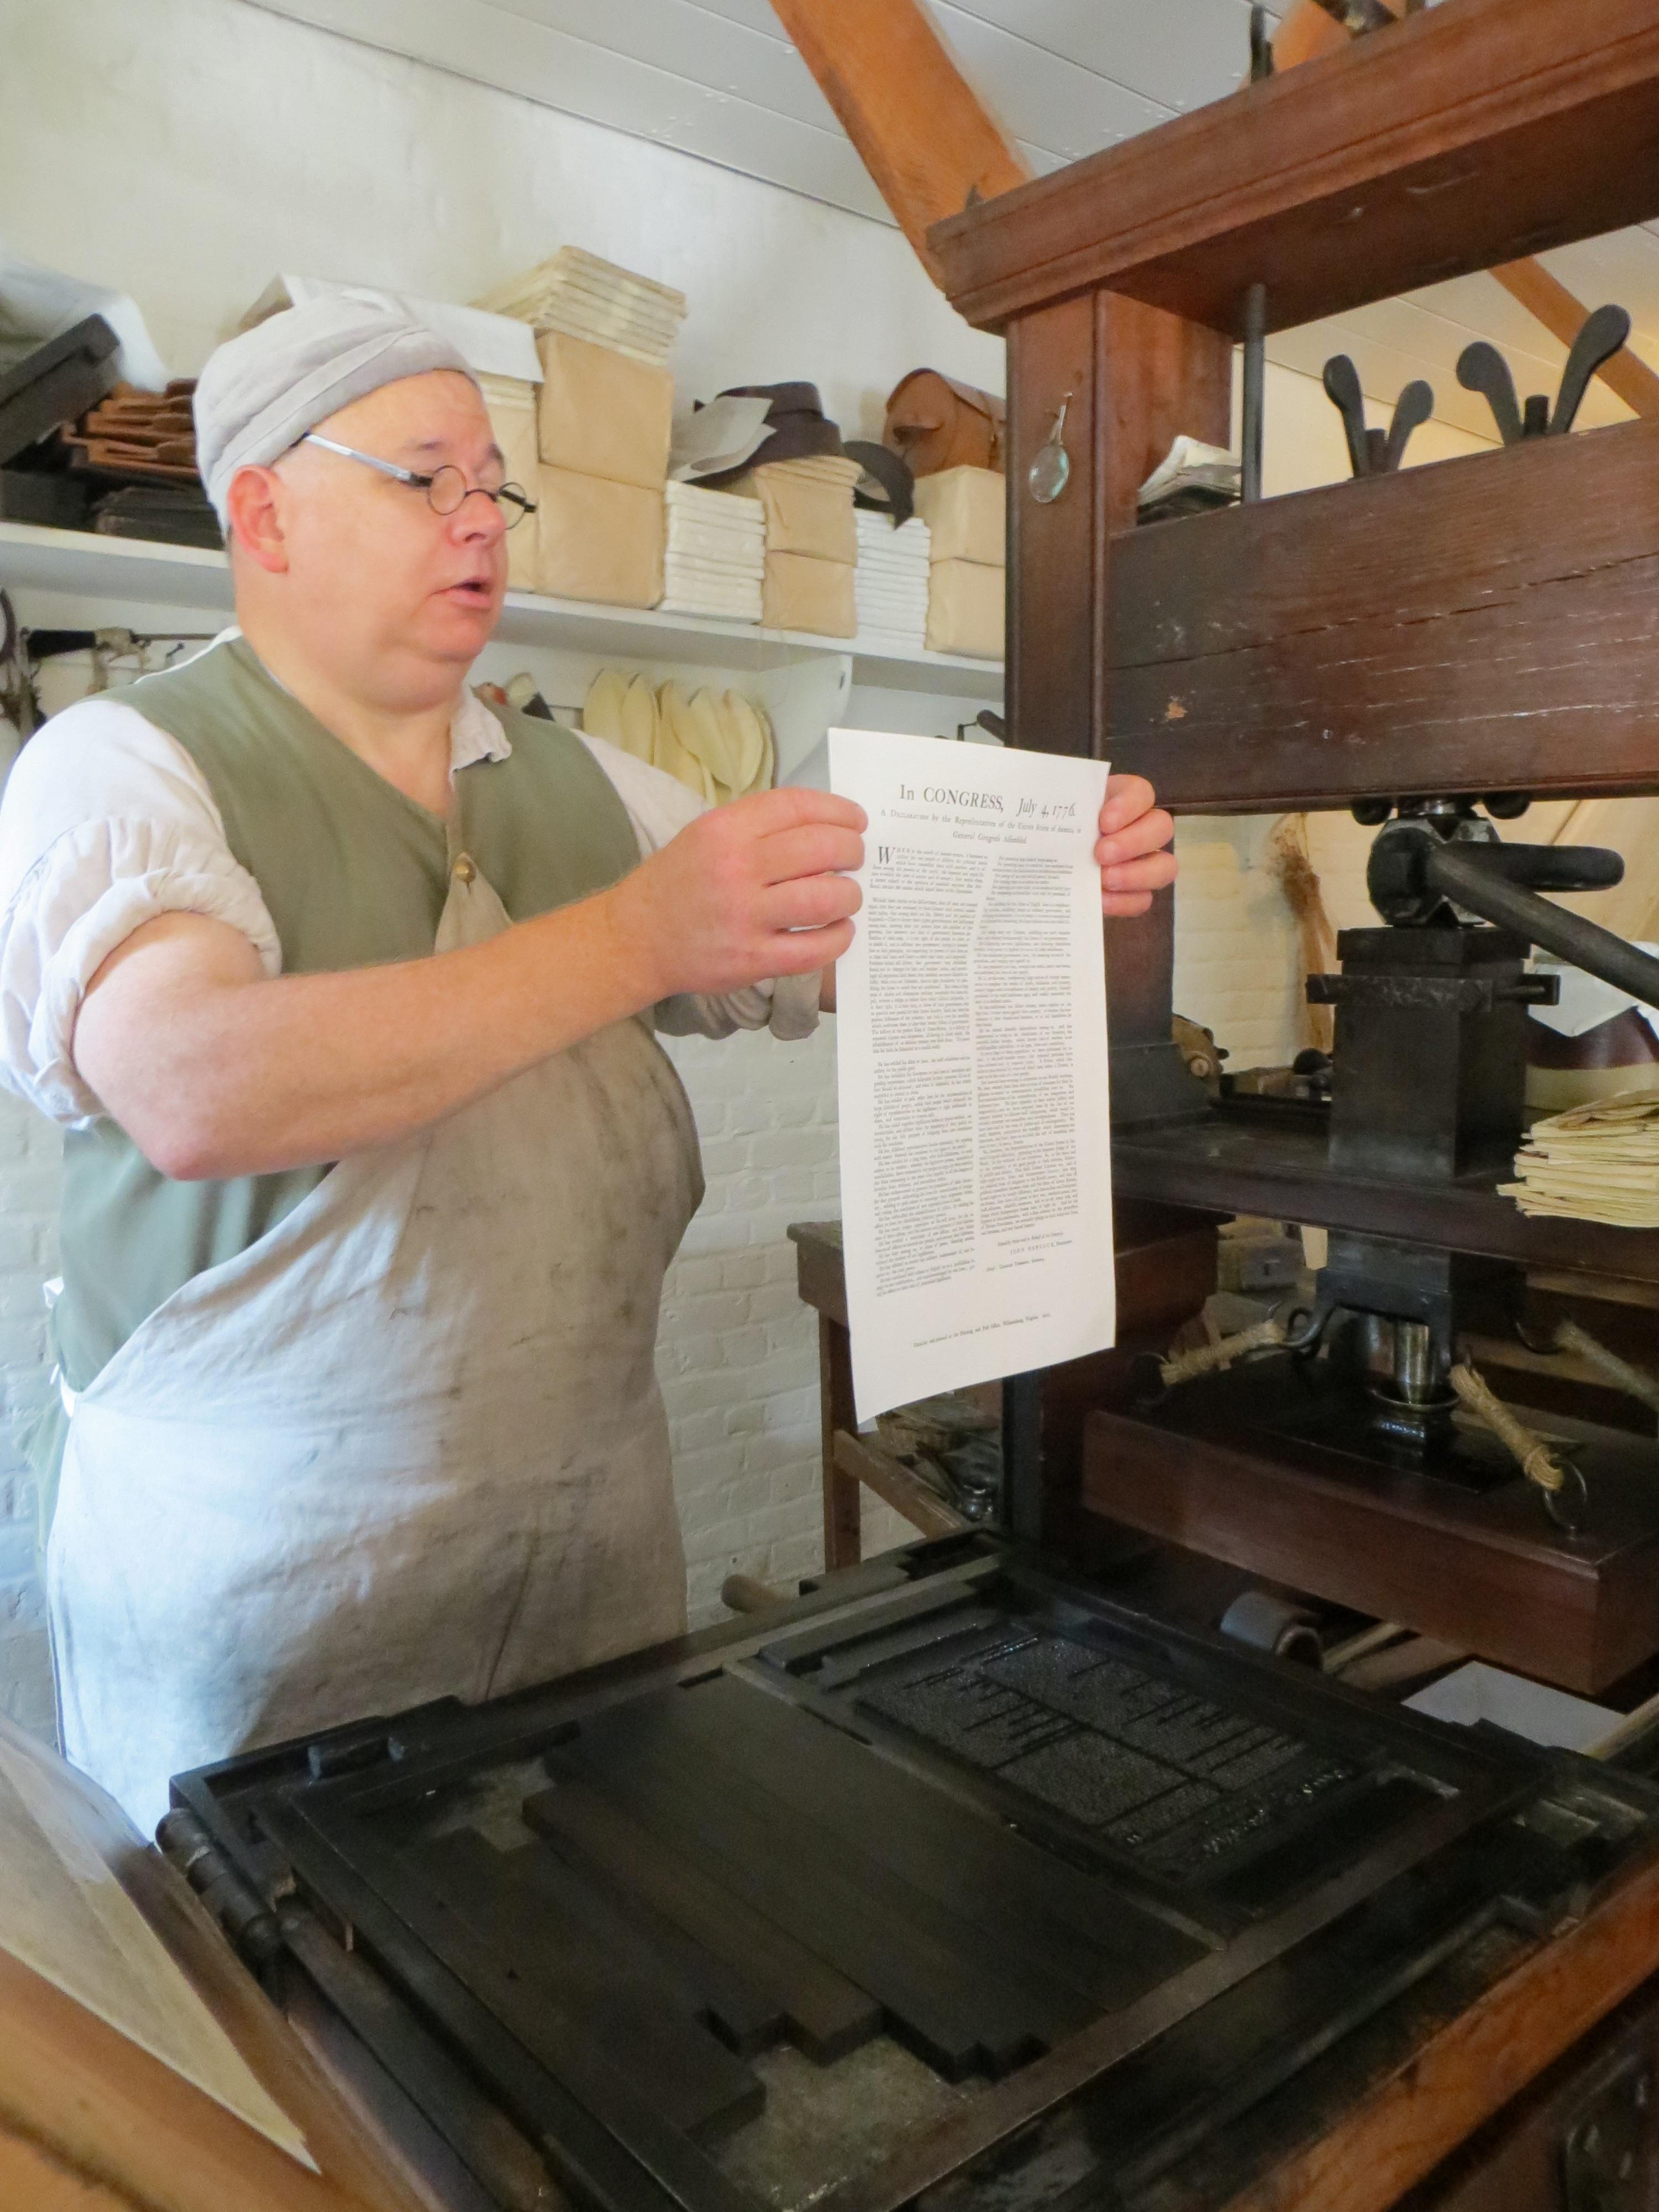 18th-century printing press